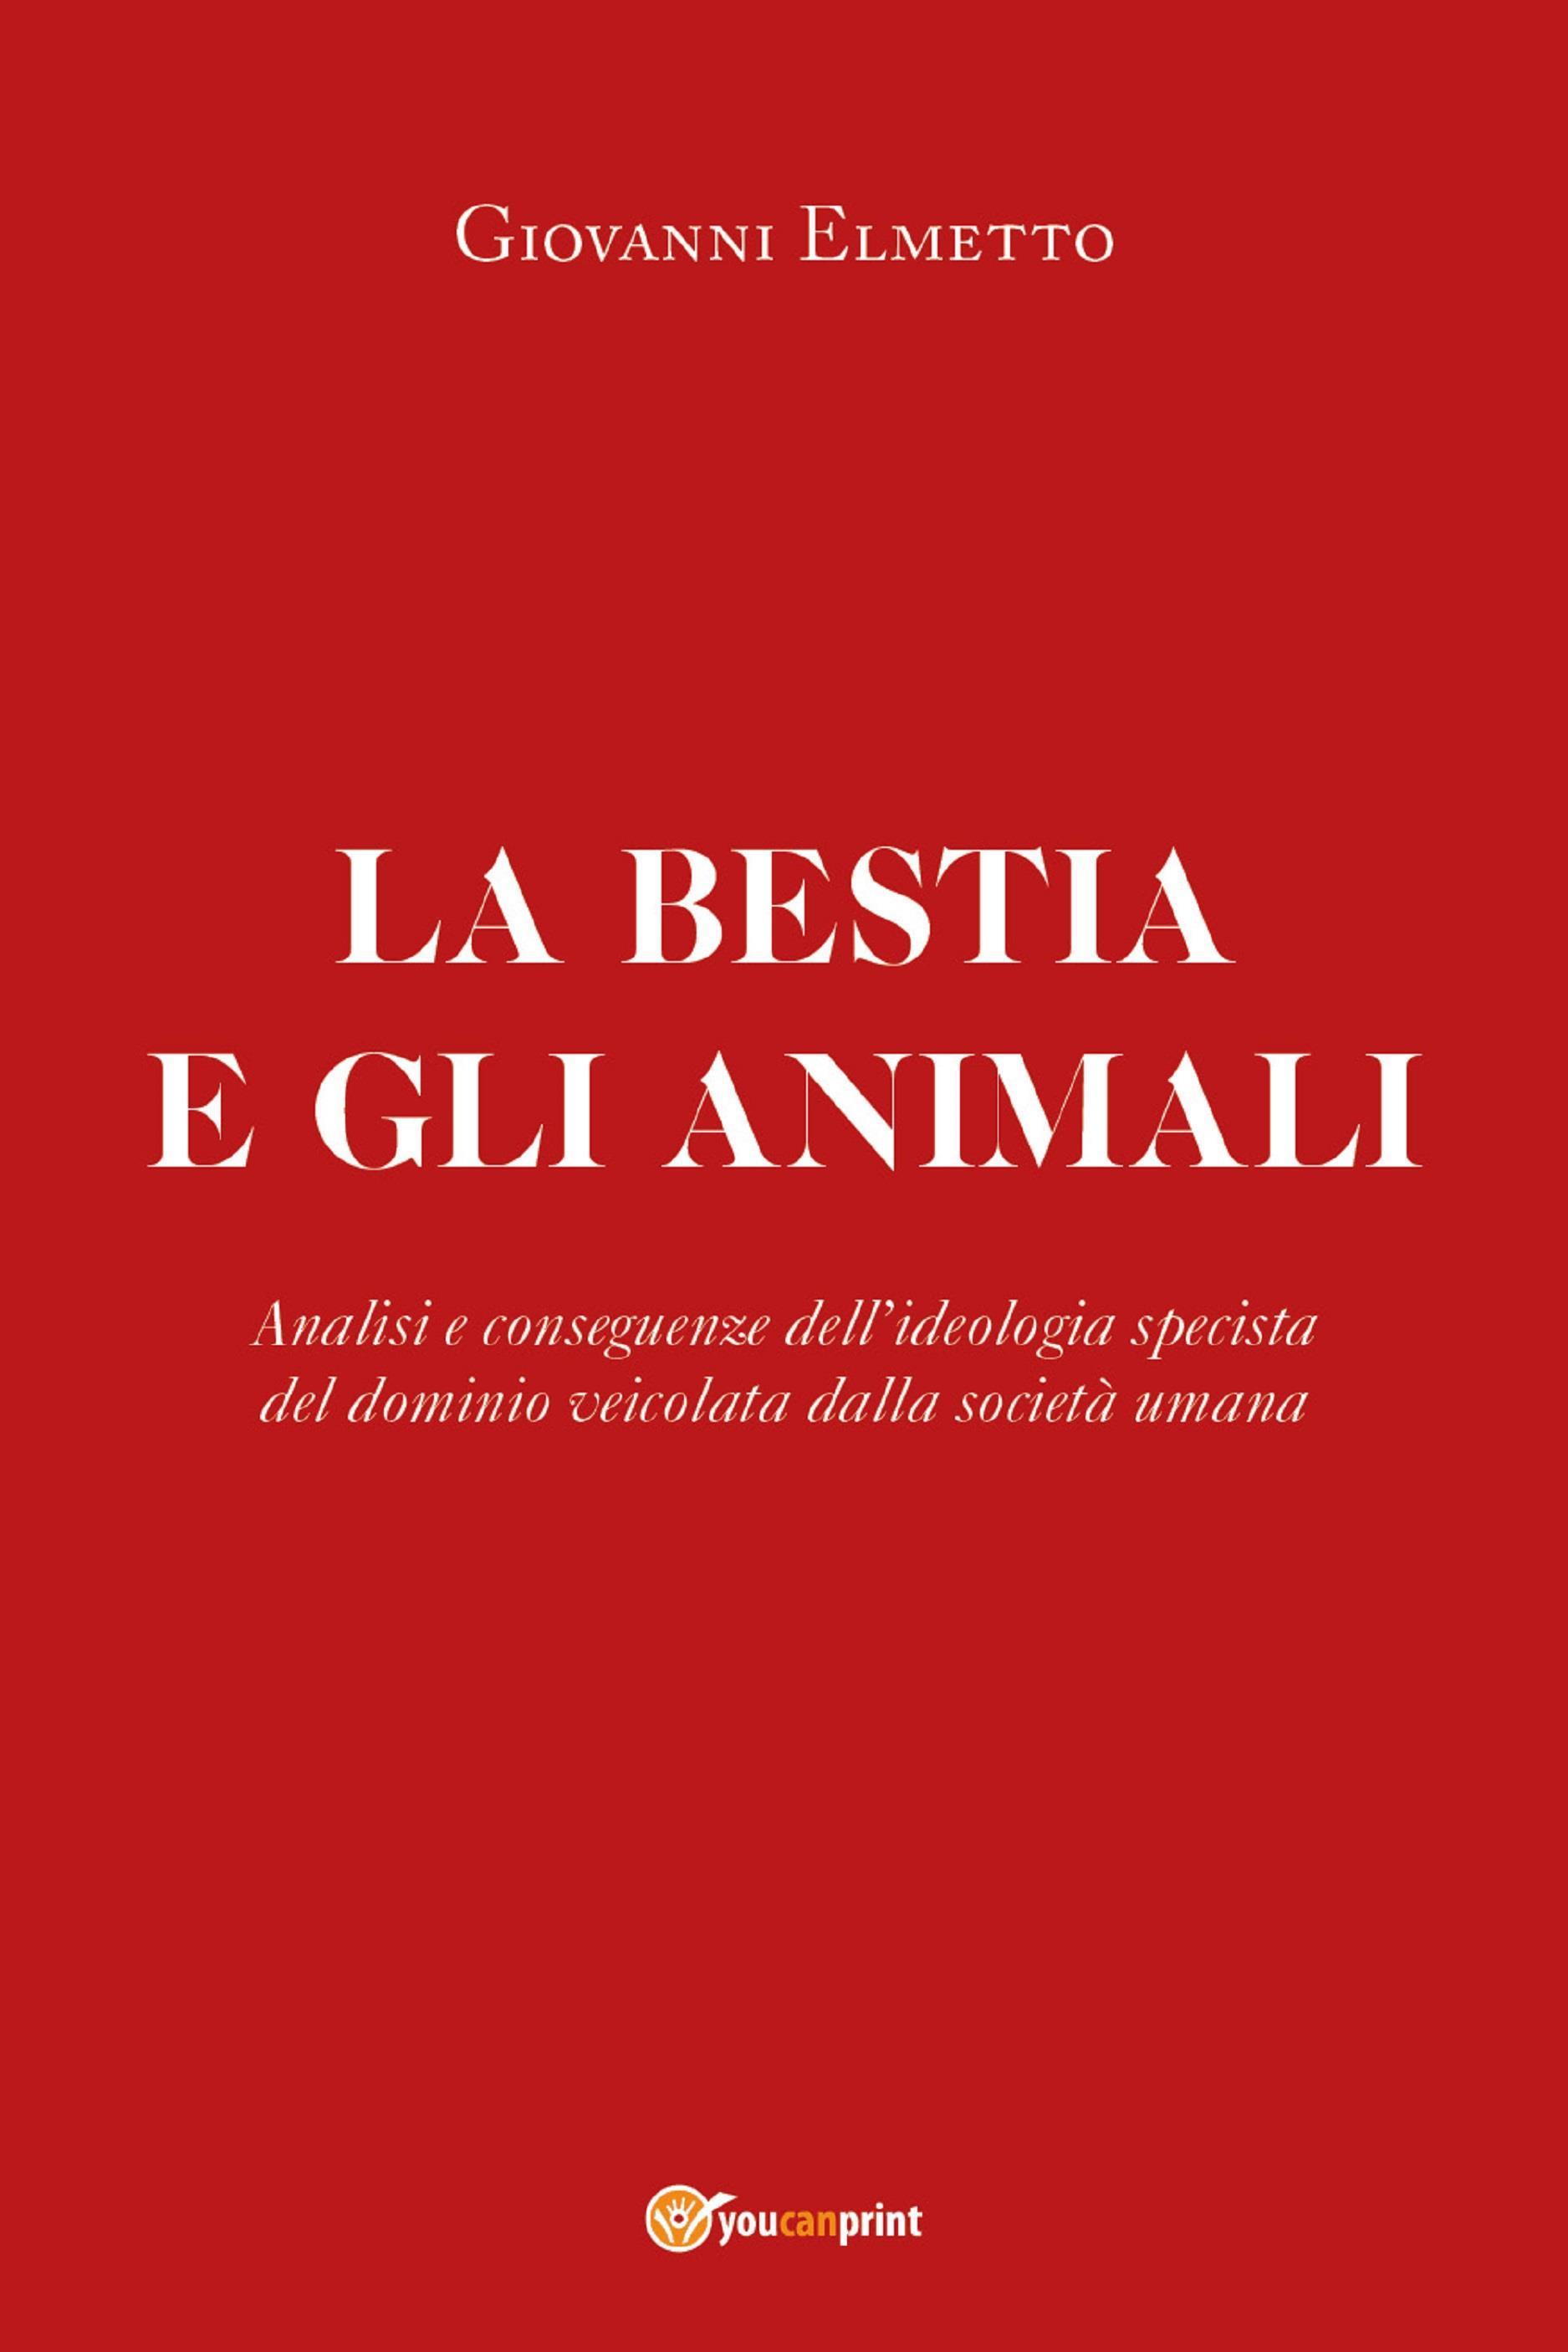 La bestia e gli animali. Analisi e conseguenze dell'ideologia specista del dominio veicolata dalla società umana